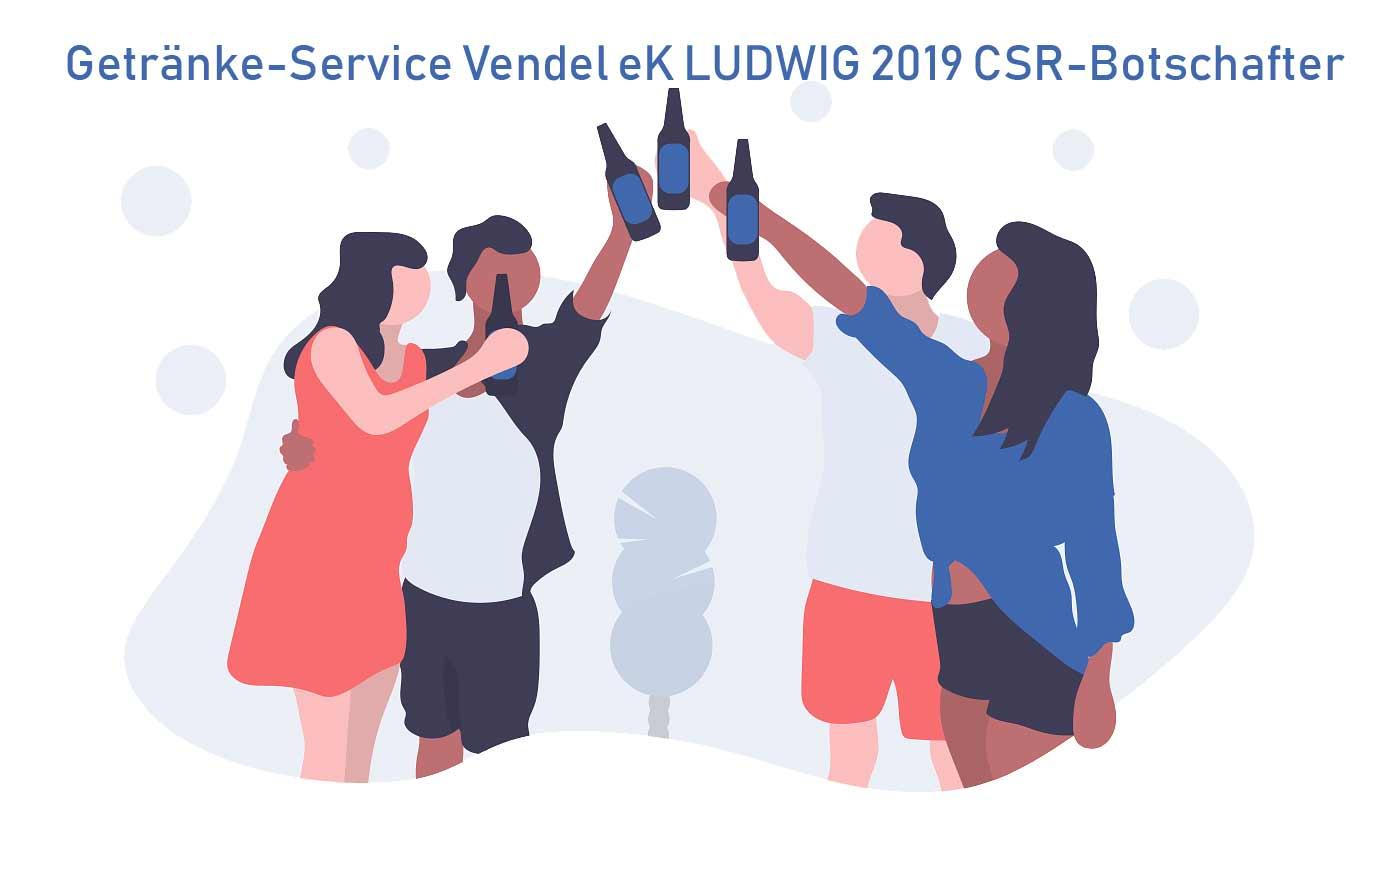 Getränke-Service Vendel eK: Herzlich Willkommen bei Getränke